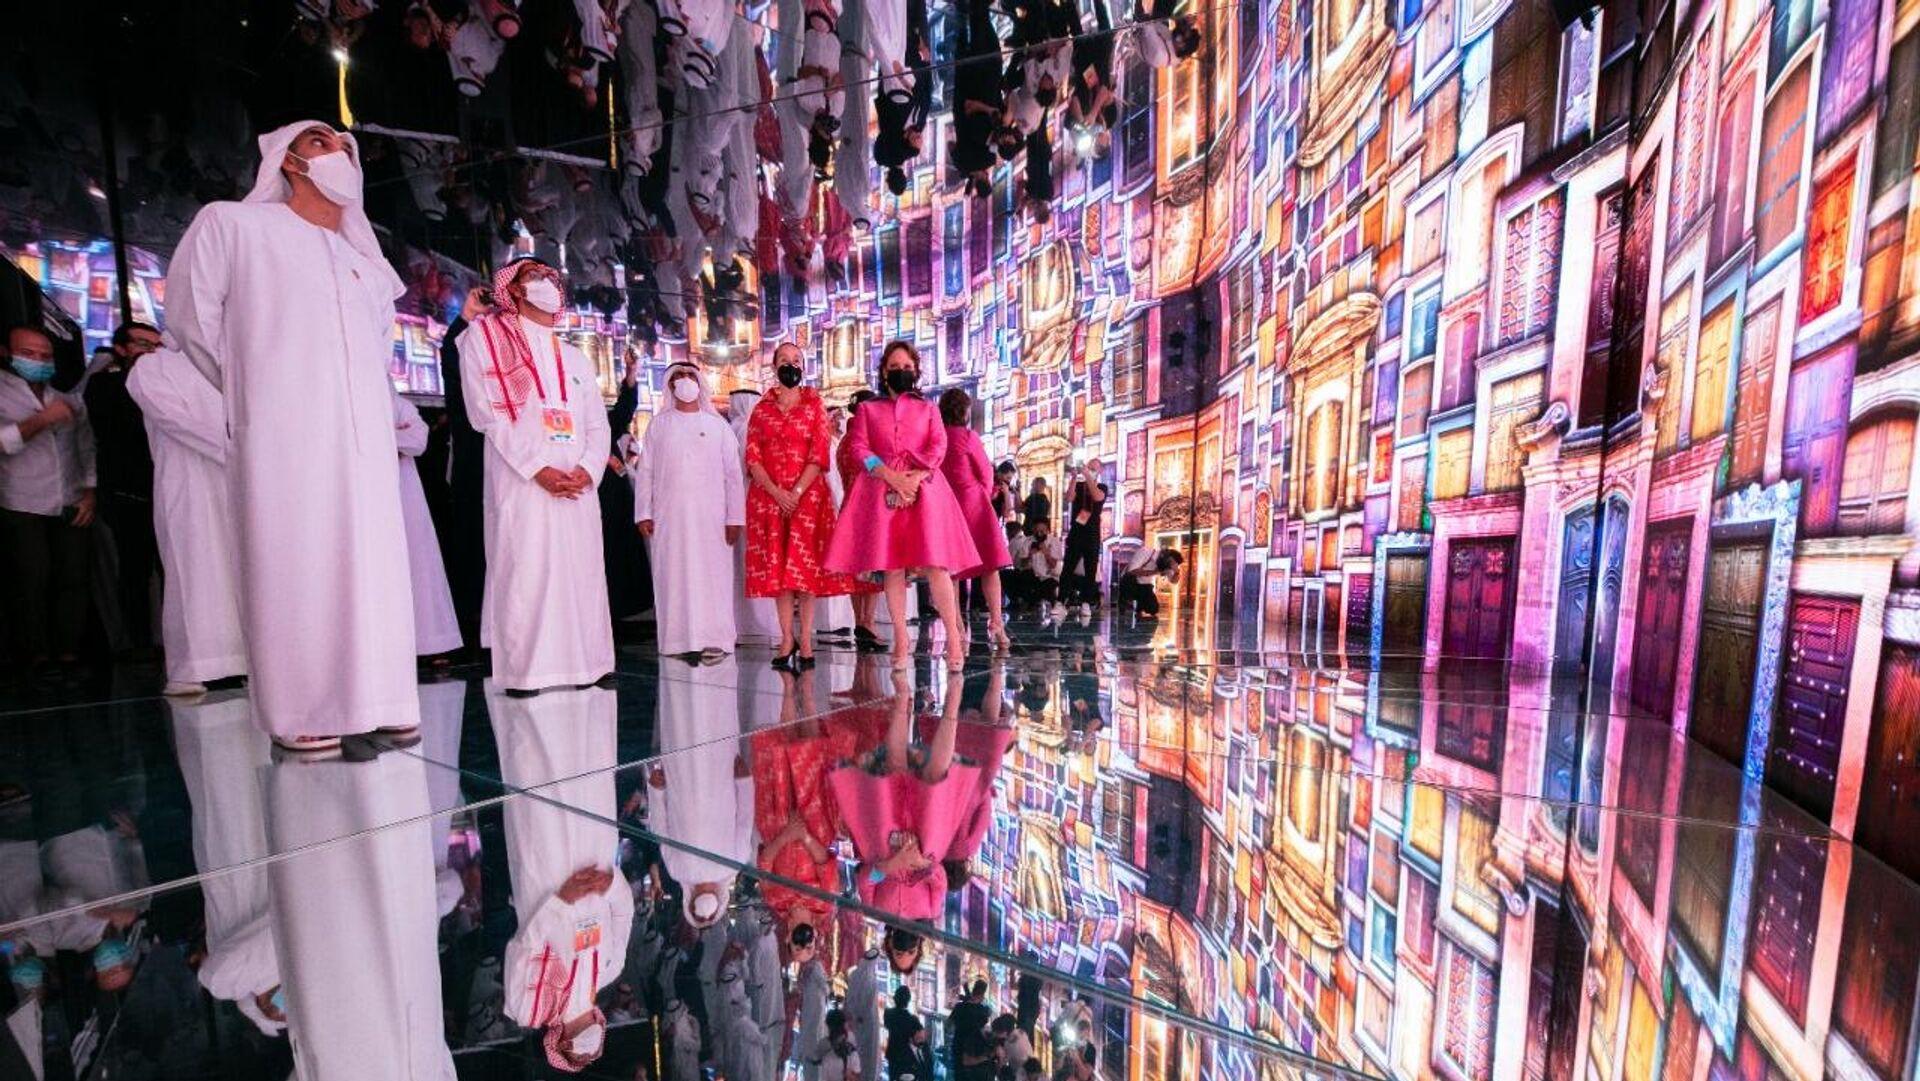 Inauguración de un pabellón de México en la Expo Dubái - Sputnik Mundo, 1920, 05.10.2021